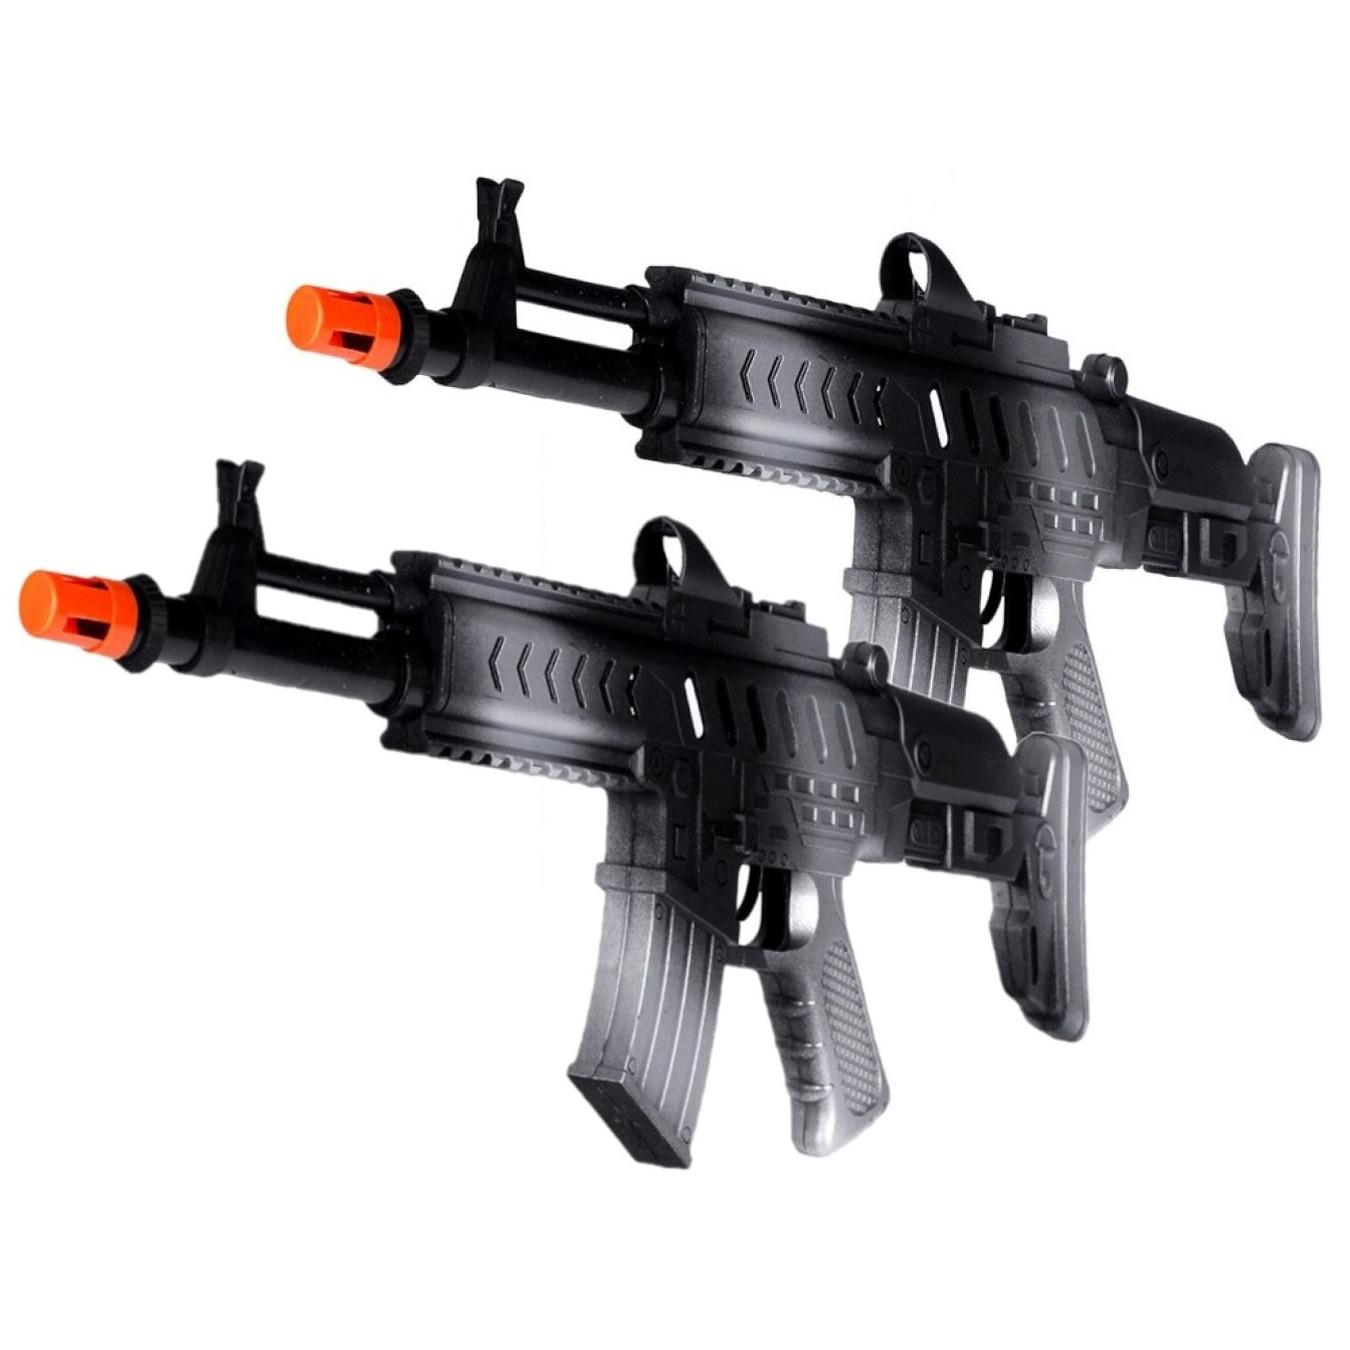 2x stuks kinder speelgoed verkleed wapens machinegeweren soldaten leger met geluid 50 cm